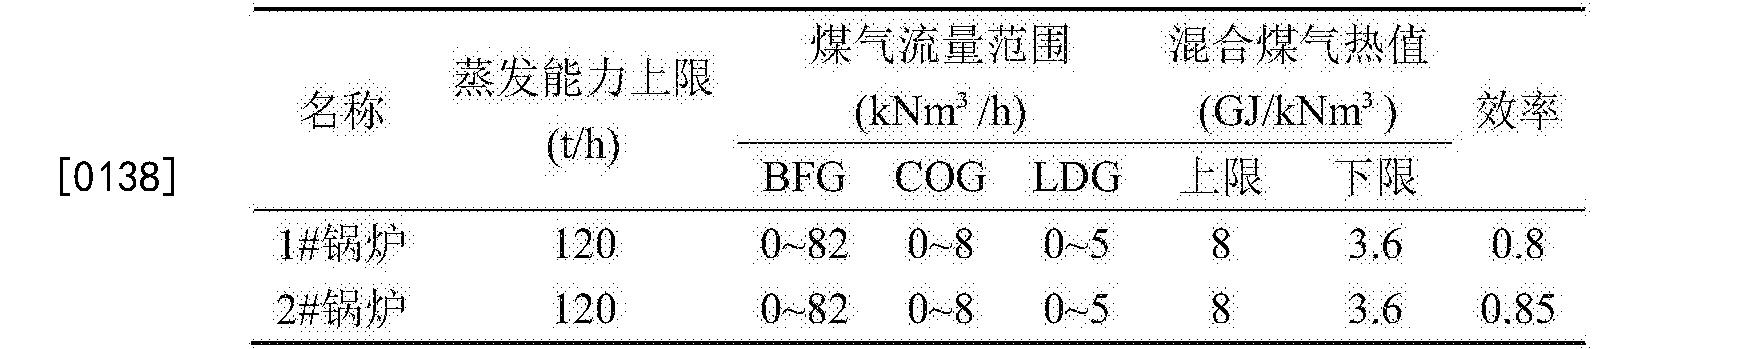 Figure CN104268789BD00154